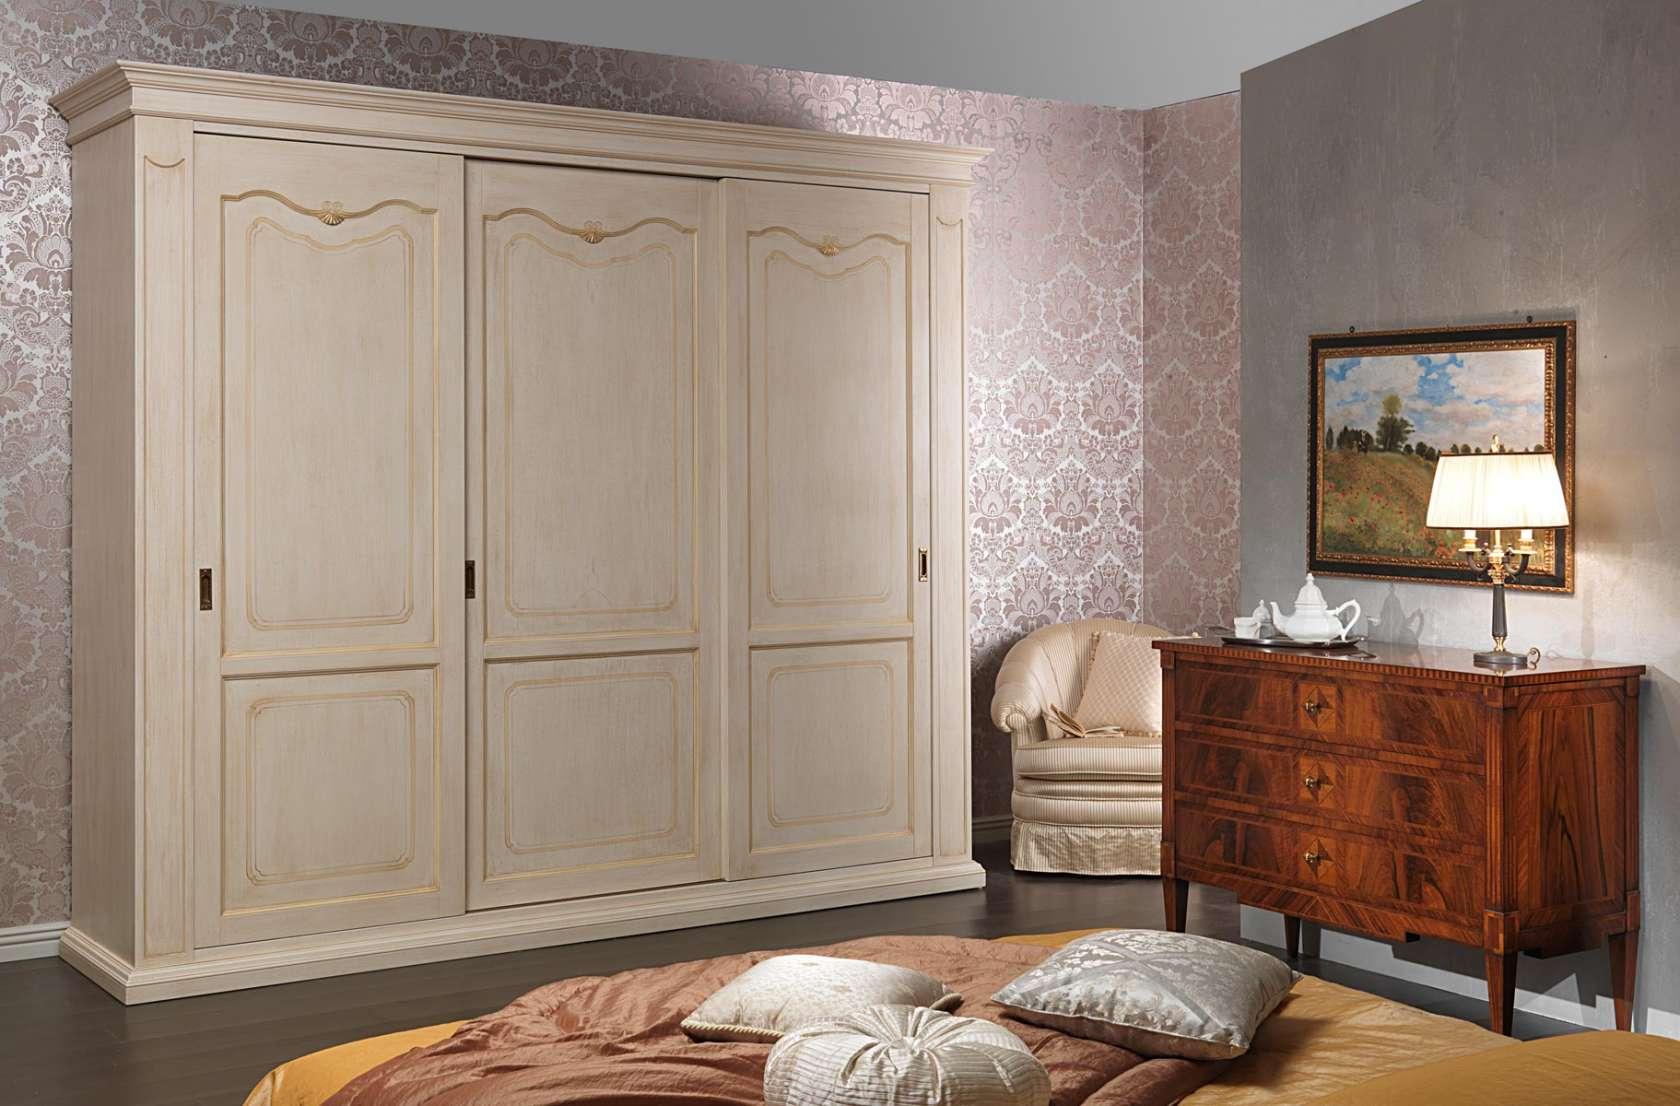 Armadio Classico Camera Da Letto.Classic Wardrobe Provence Vimercati Classic Furniture